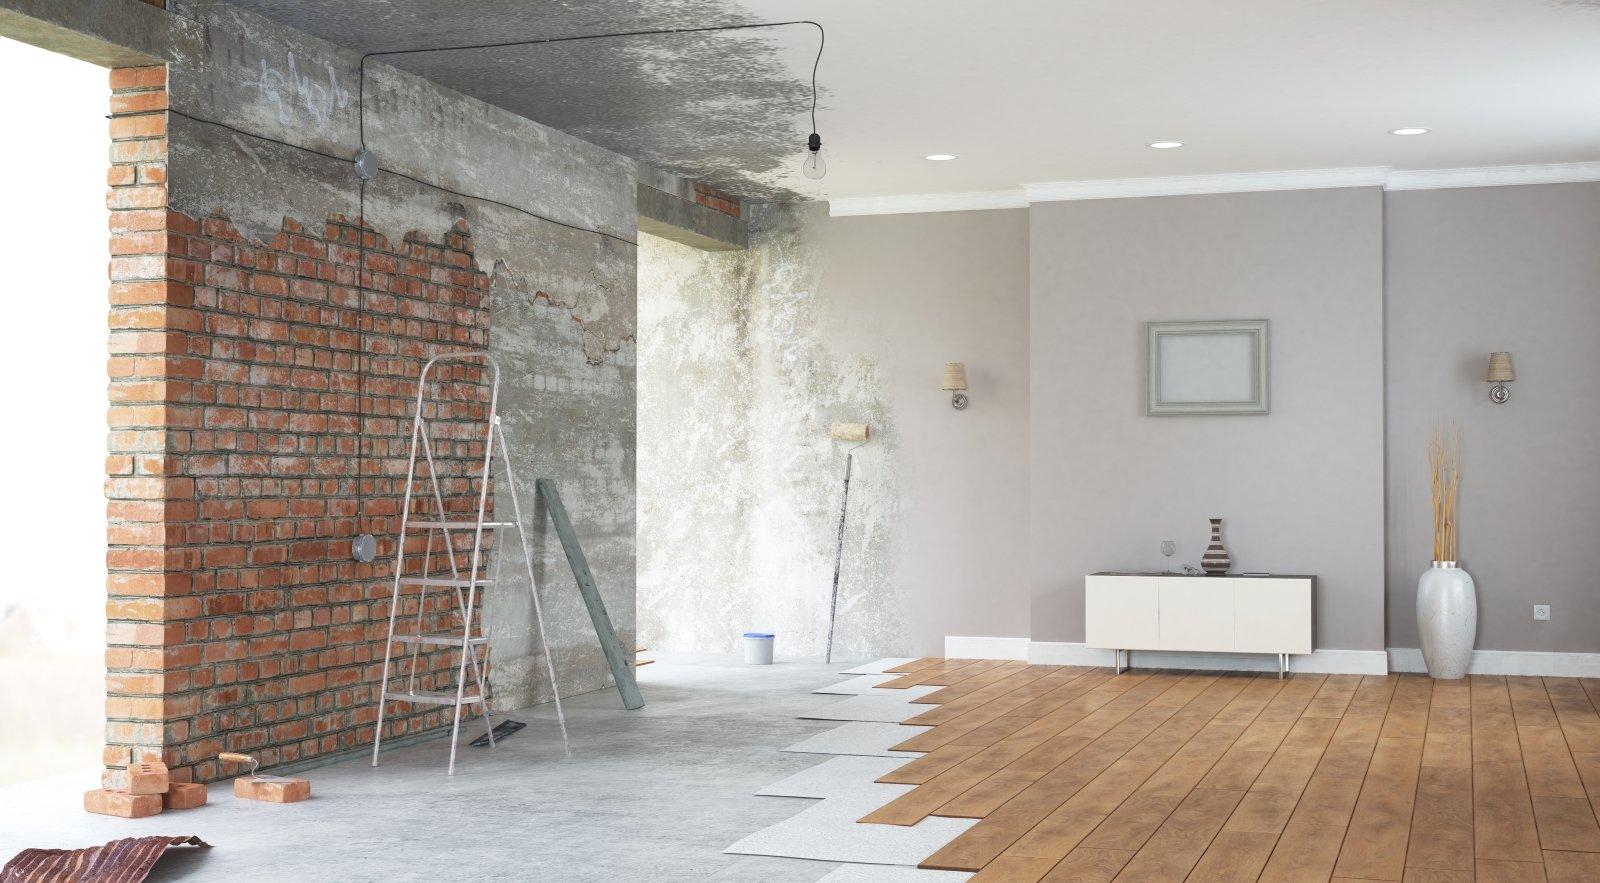 Salon modificato, parete per dipingere e pavimento per coprire